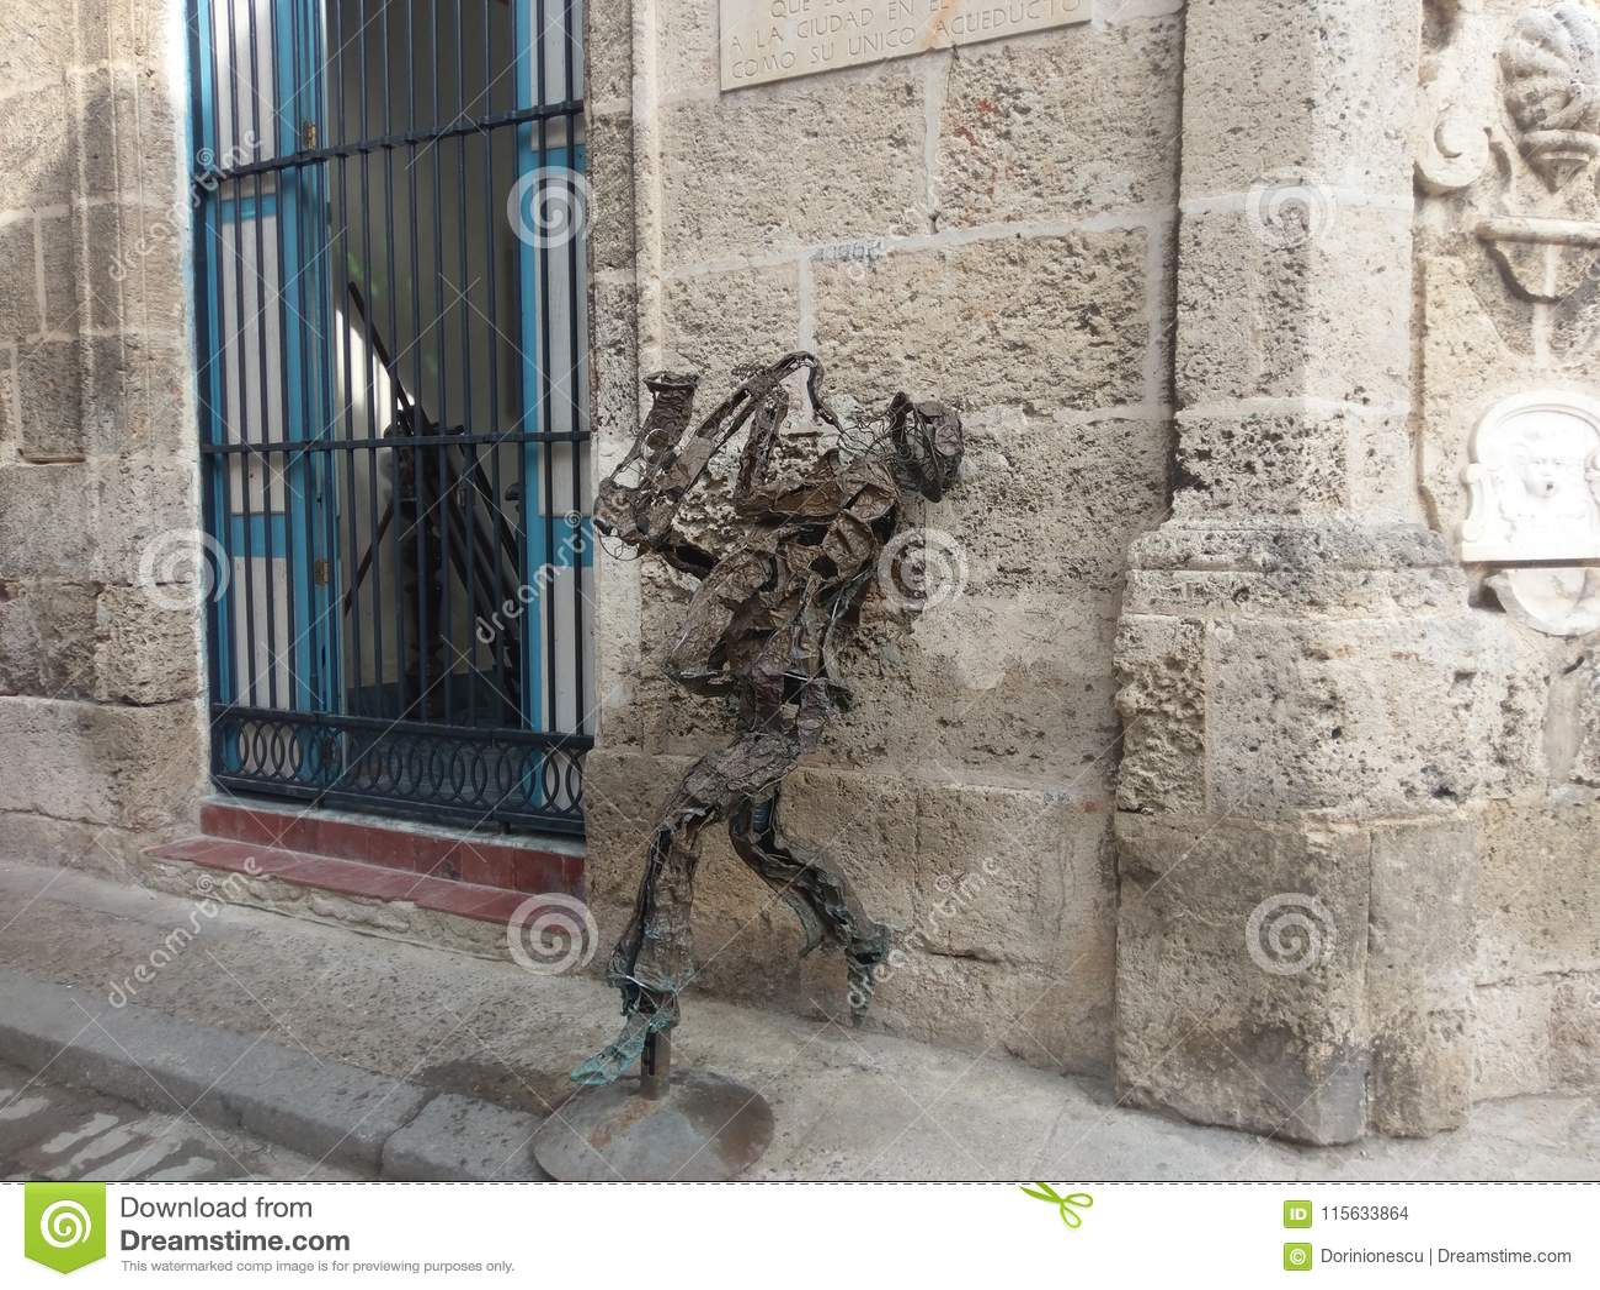 Wand Skulptur Fassade Strassenkunst Fenster Gebaude Monument Stockfoto Bild Von Fassade Wand 115633864